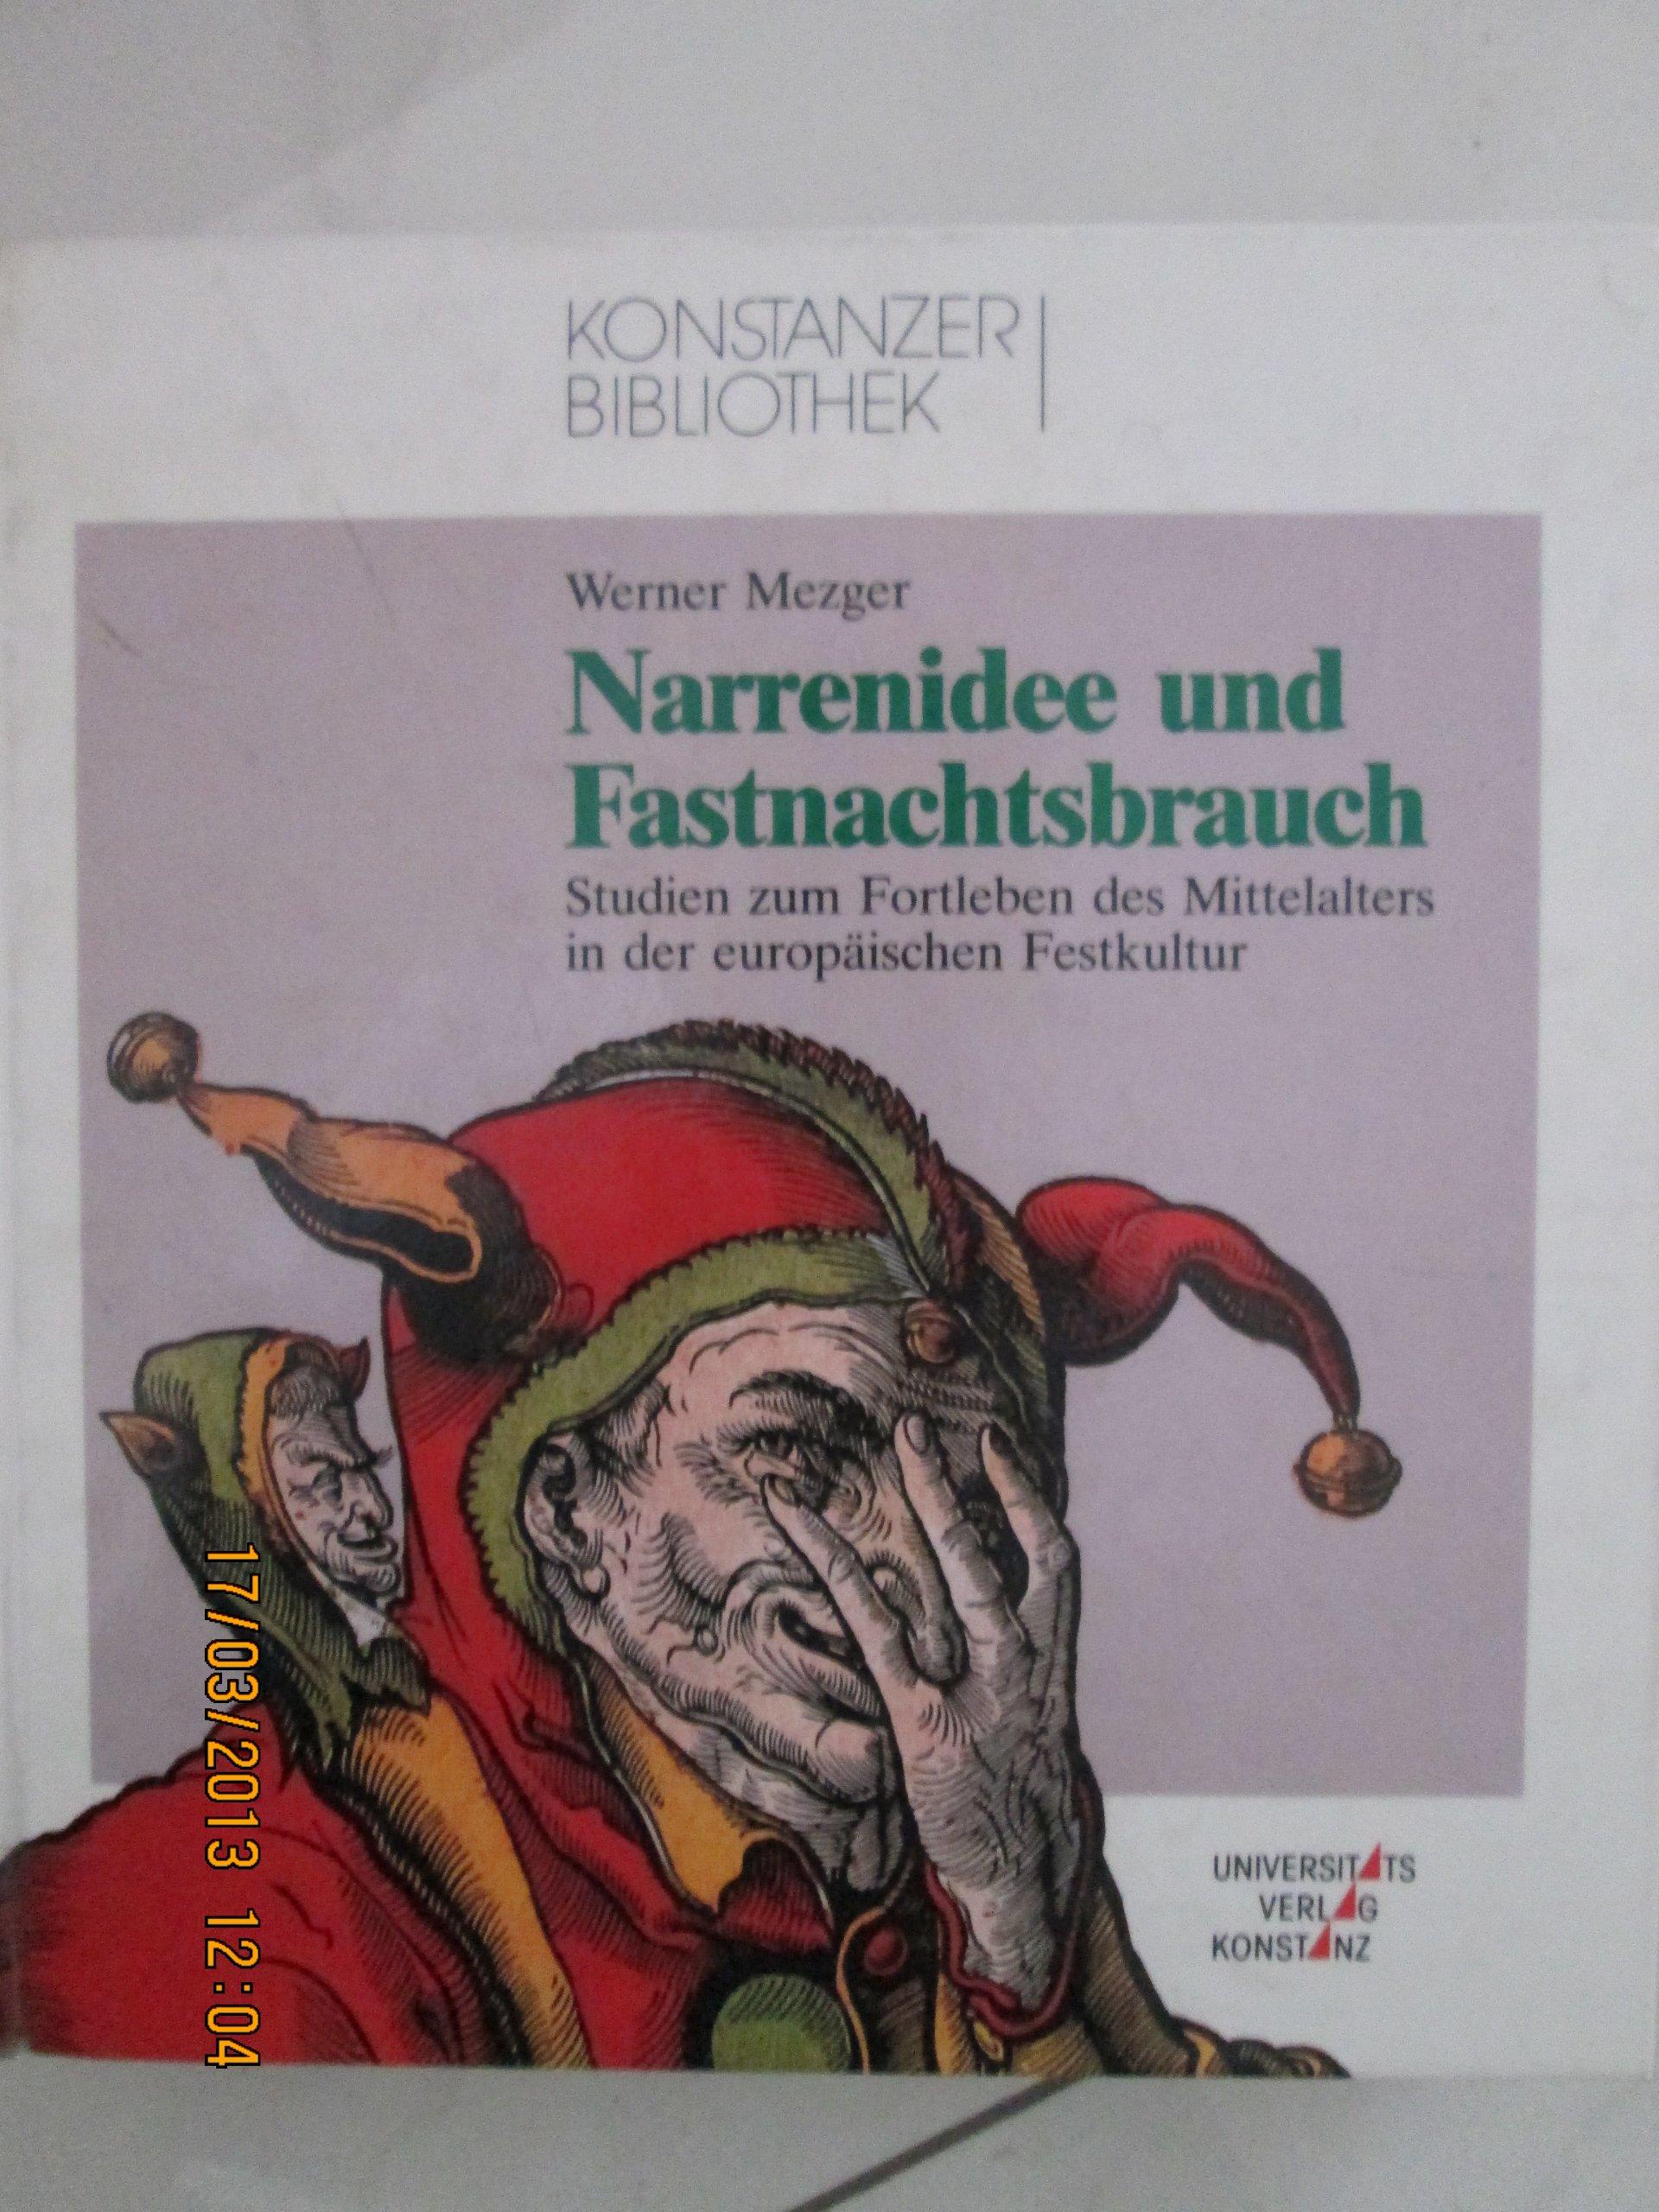 narrenidee-und-fastnachtsbrauch-studien-zum-fortleben-des-mittelalters-in-der-europischen-festkultur